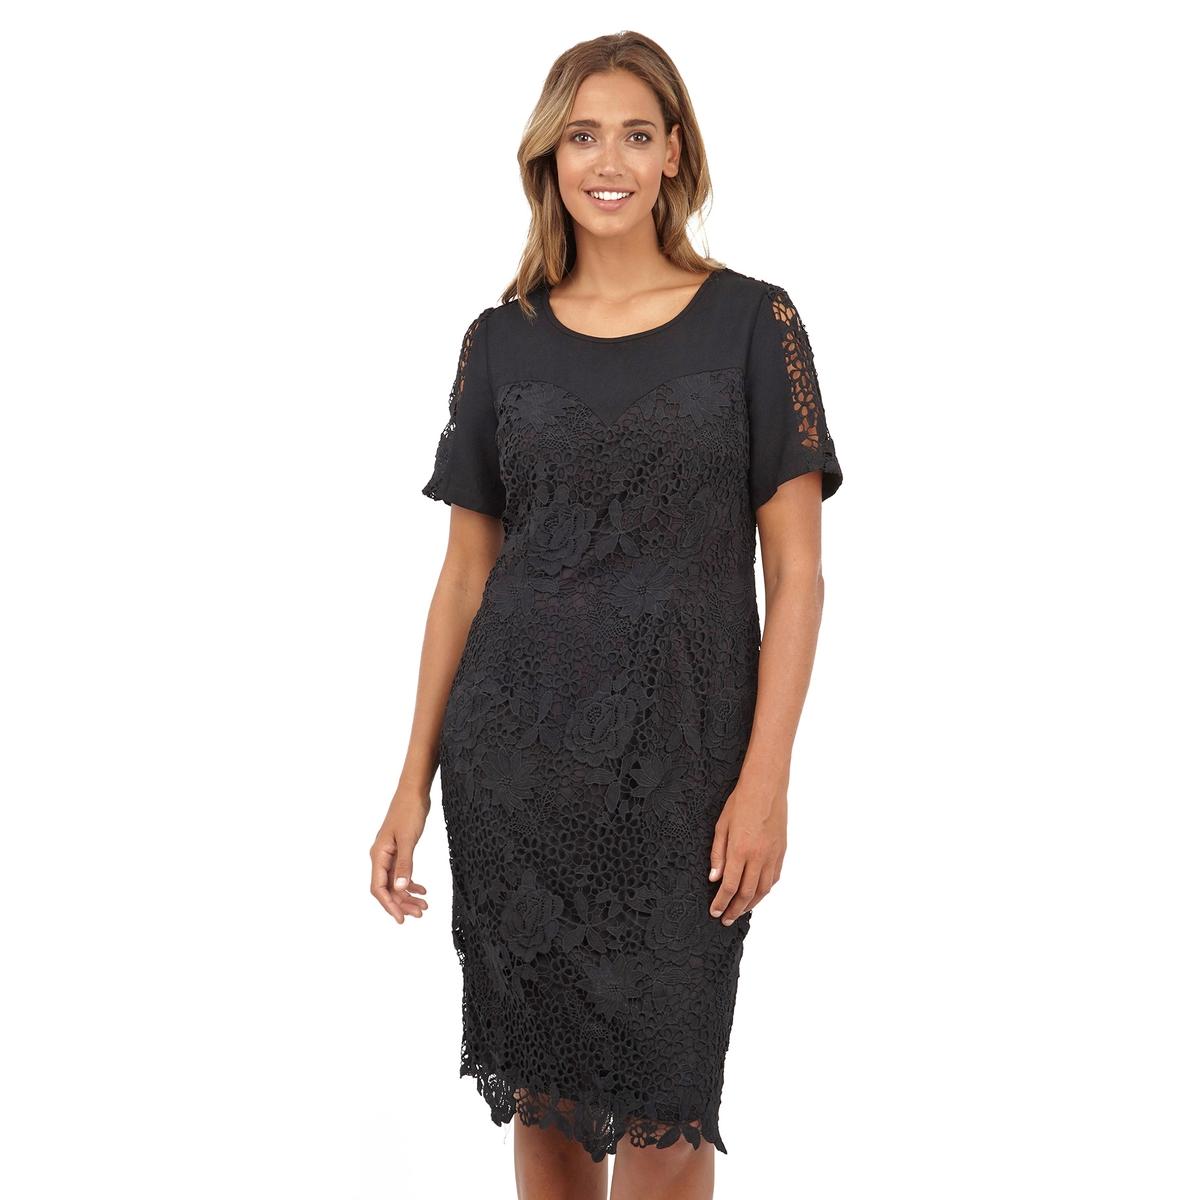 ПлатьеКружевное платье с короткими рукавами LOVEDROBE. 100% полиэстер. Длина ок.104 см.<br><br>Цвет: черный